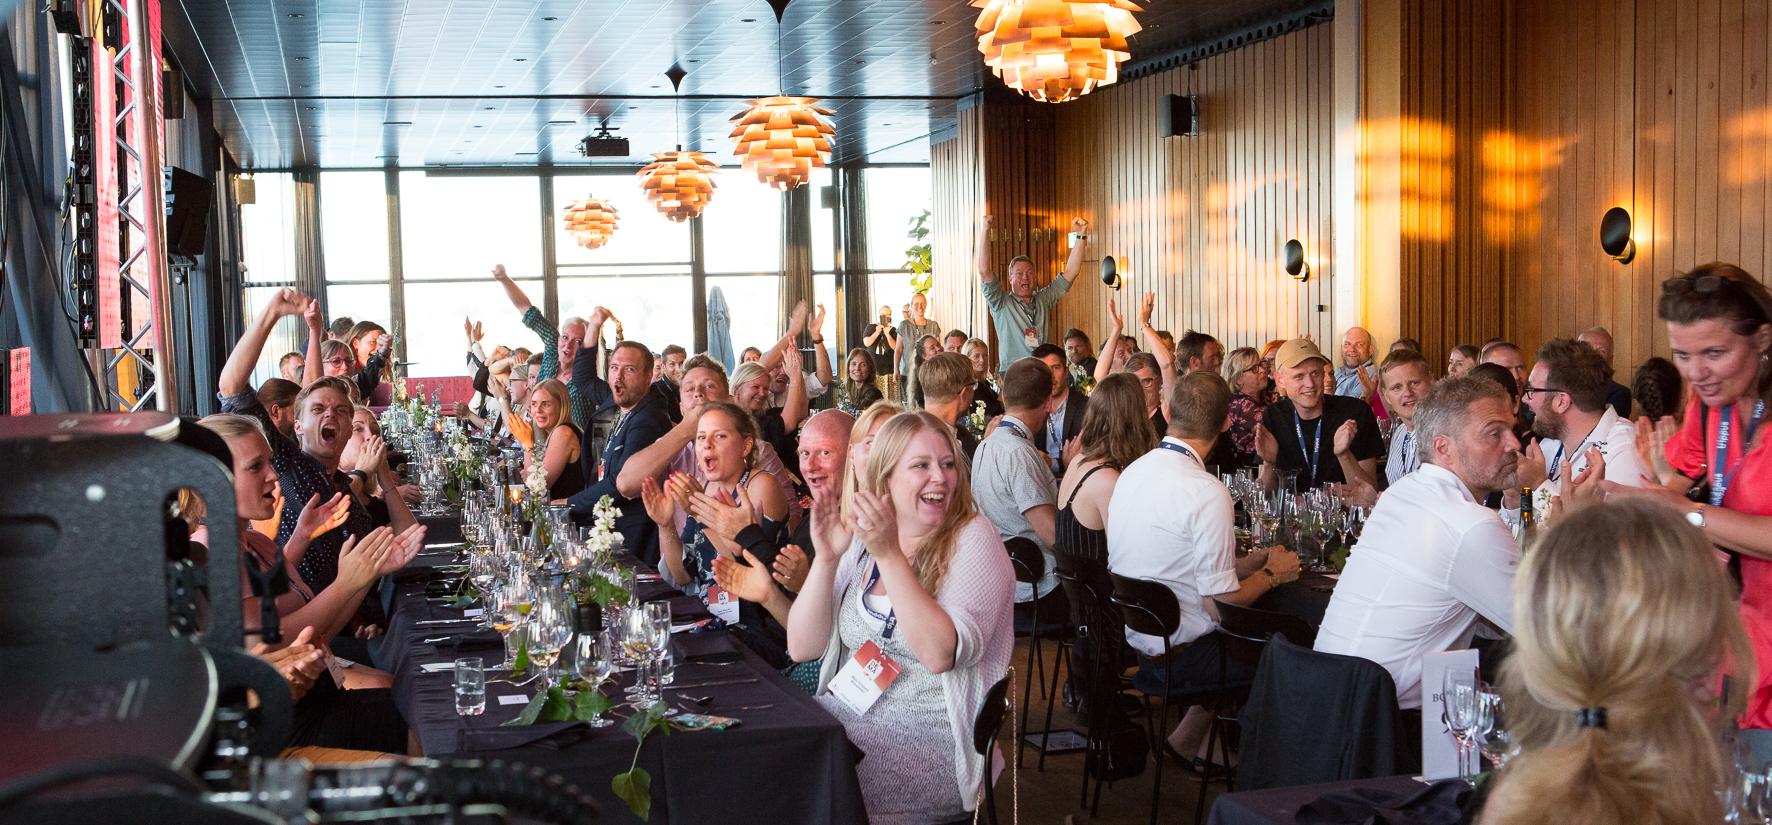 Kursuslex og MPI Scandinavia slår deres to årlige awardshows i den danske møde- og eventbranche sammen til ét. Dermed bliver der ingen DEMA-fest i år. Her er det fra sidste års DEMA-fest på Langeliniepavillonen i København. Pressefoto: Meeting Professionals International Scandinavia.